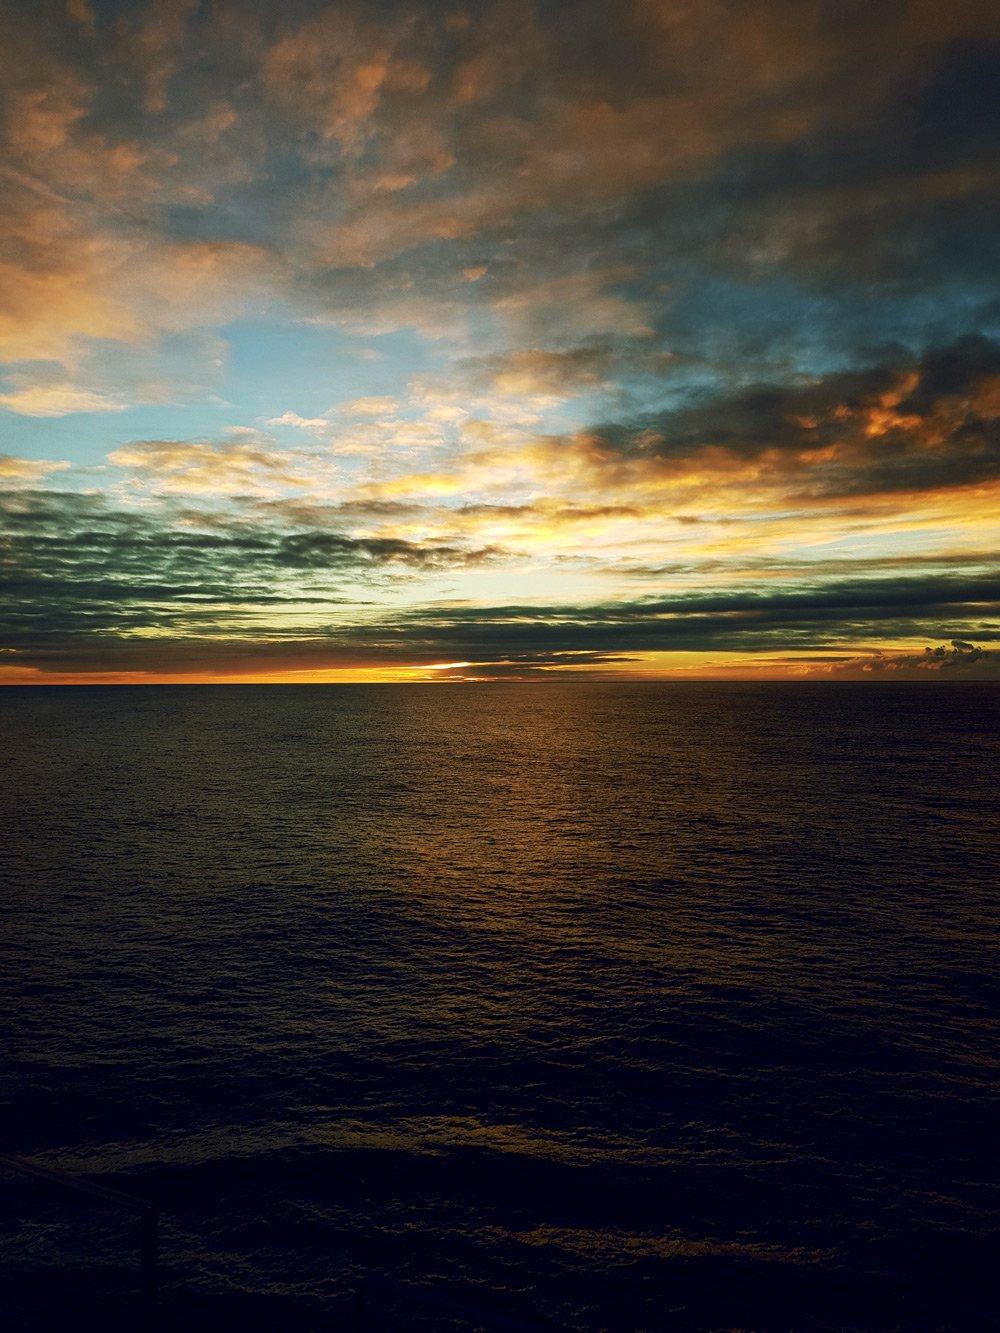 conny-doll lifestyle: Es geht weiter mit der Schiffsreise - meine Kreuzfahrt in Zahlen, Mein Schiff 1, TuiCruise, Kreuzfahrt, Seereise, Sonnenuntergang